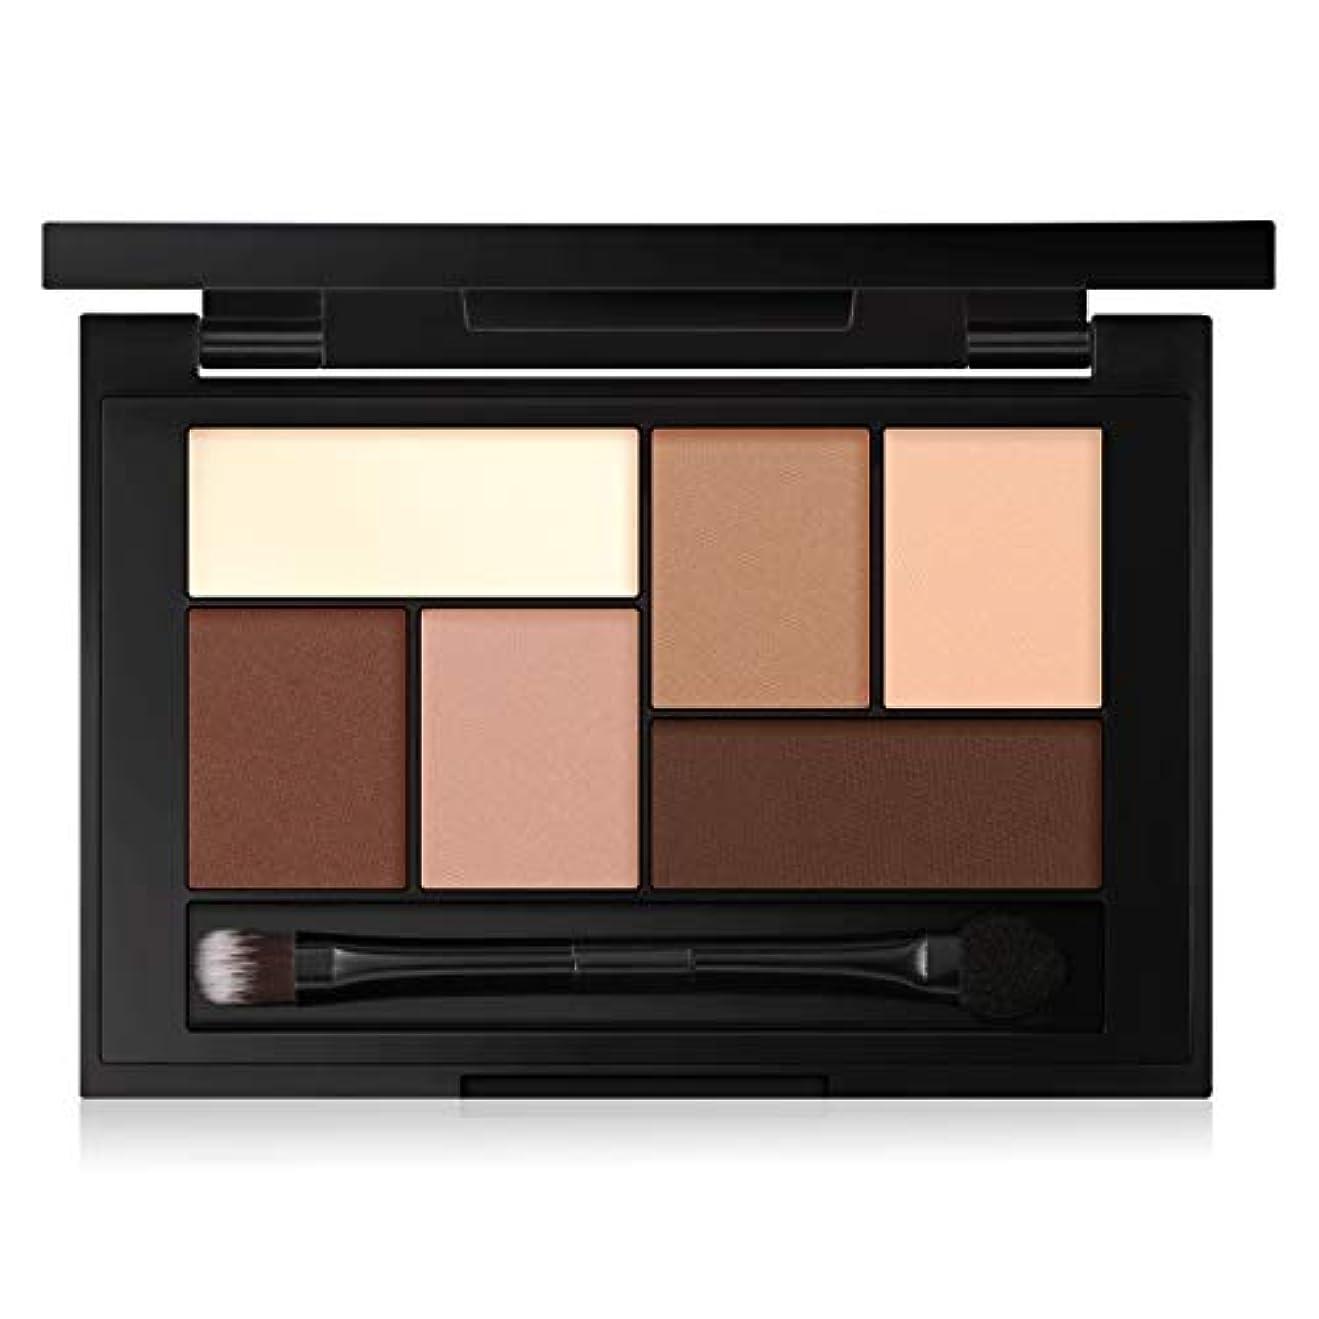 蒸発するアクチュエータ退屈なSACE LADY Eyeshadow Palette Highly Pigmented Matte and Shimmer Finish Eye Makeup 12g/0.4oz.